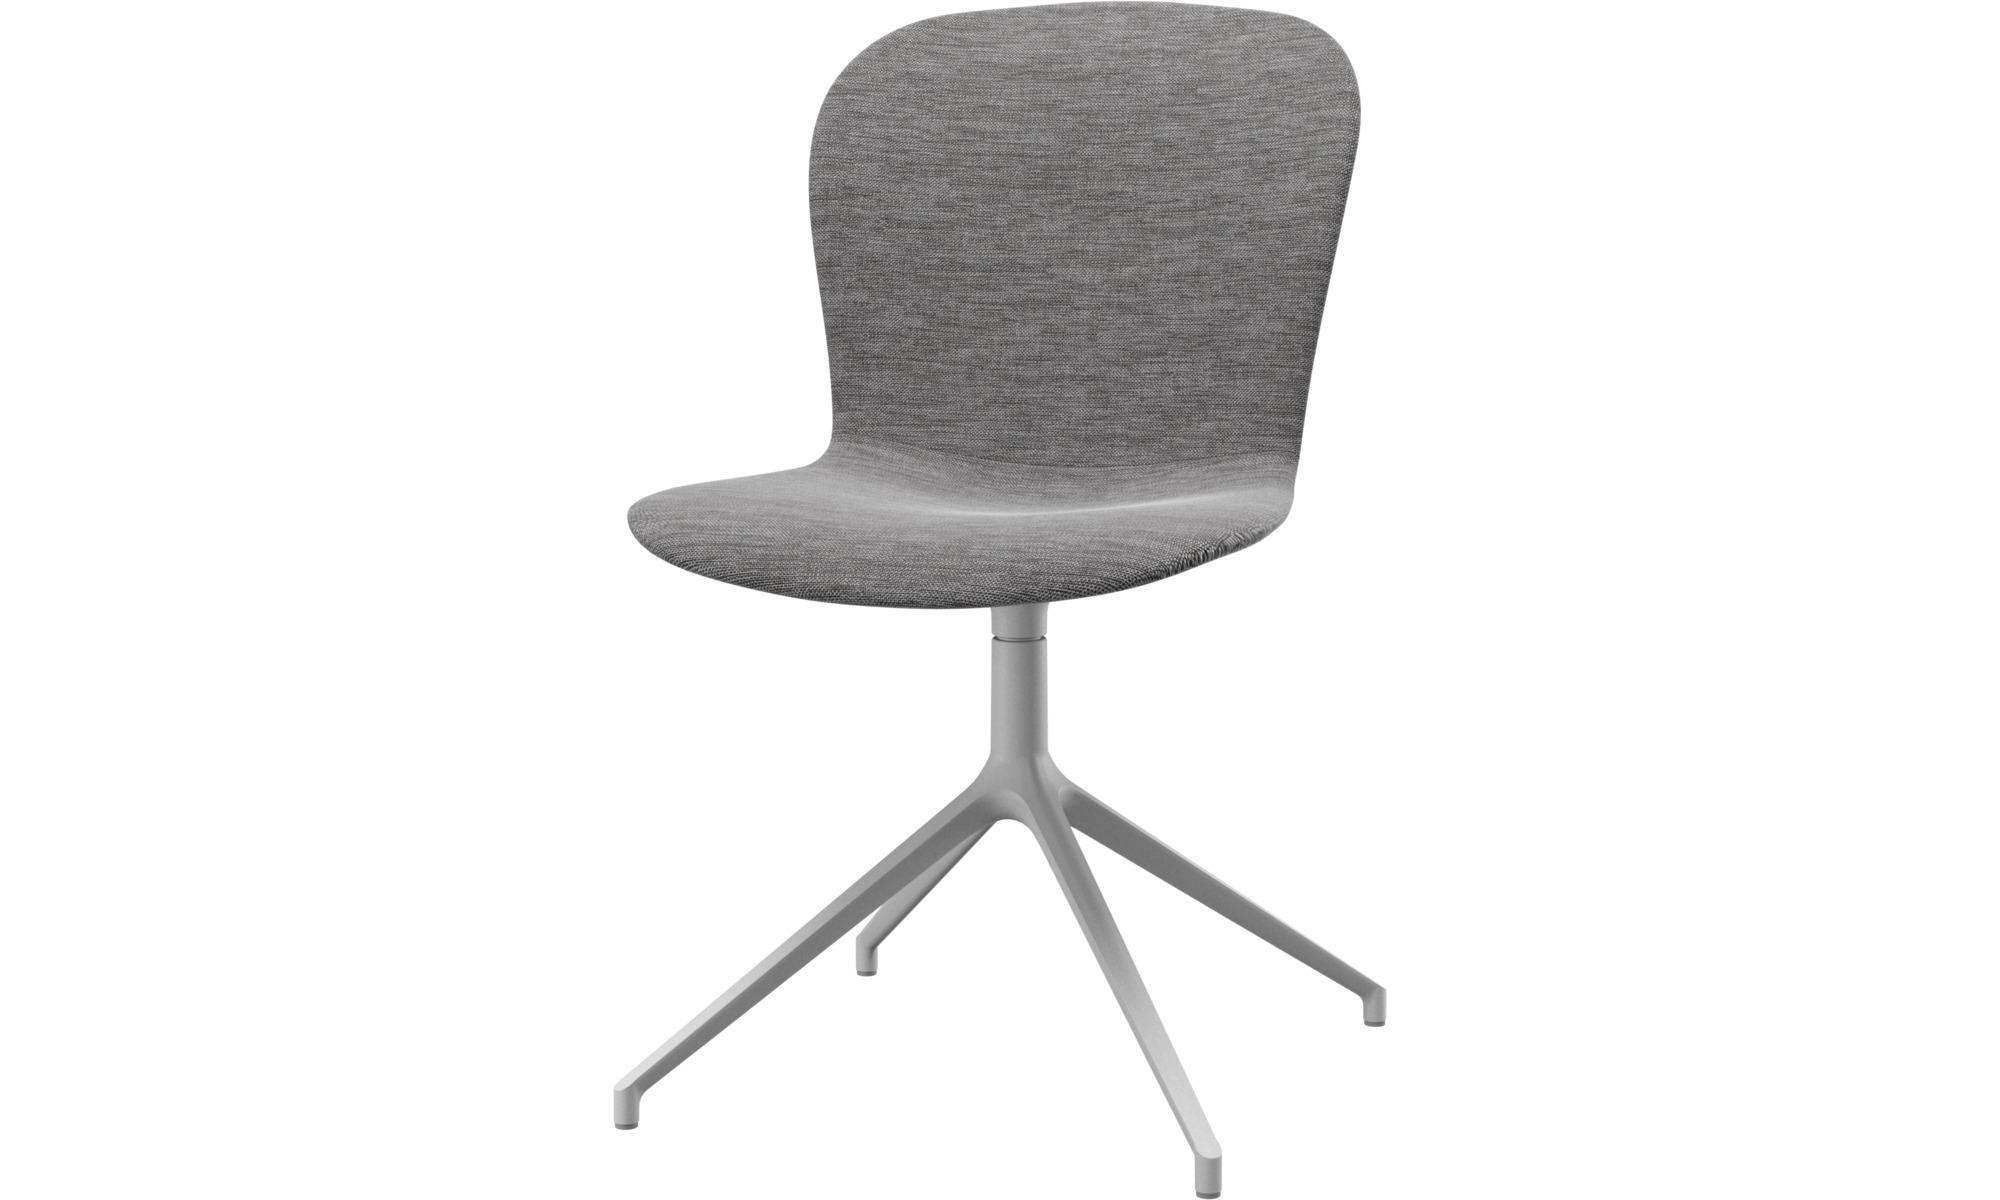 Home Office-Schreibtischstühle - Adelaide Stuhl mit Drehfunktion - Grau - Stoff